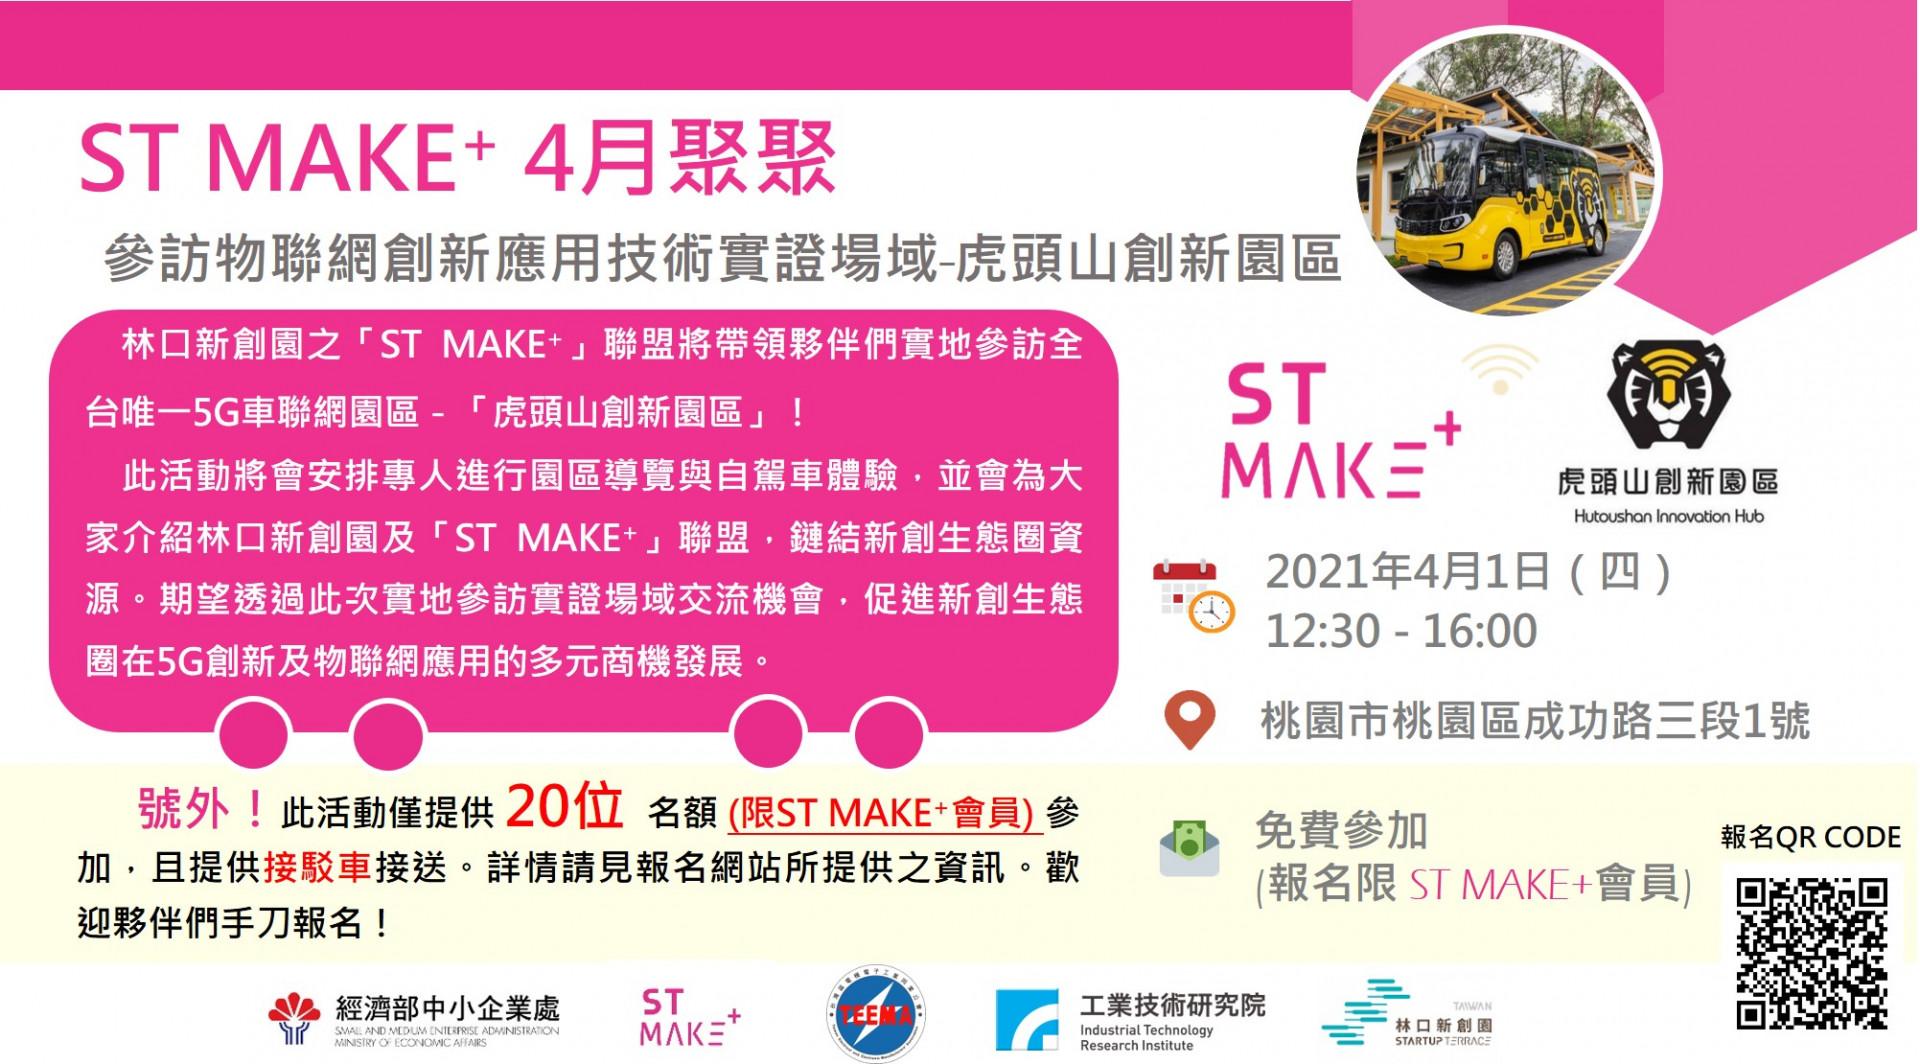 【ST MAKE+ 4月聚聚】參訪物聯網創新應用技術實證場域-虎頭山創新園區